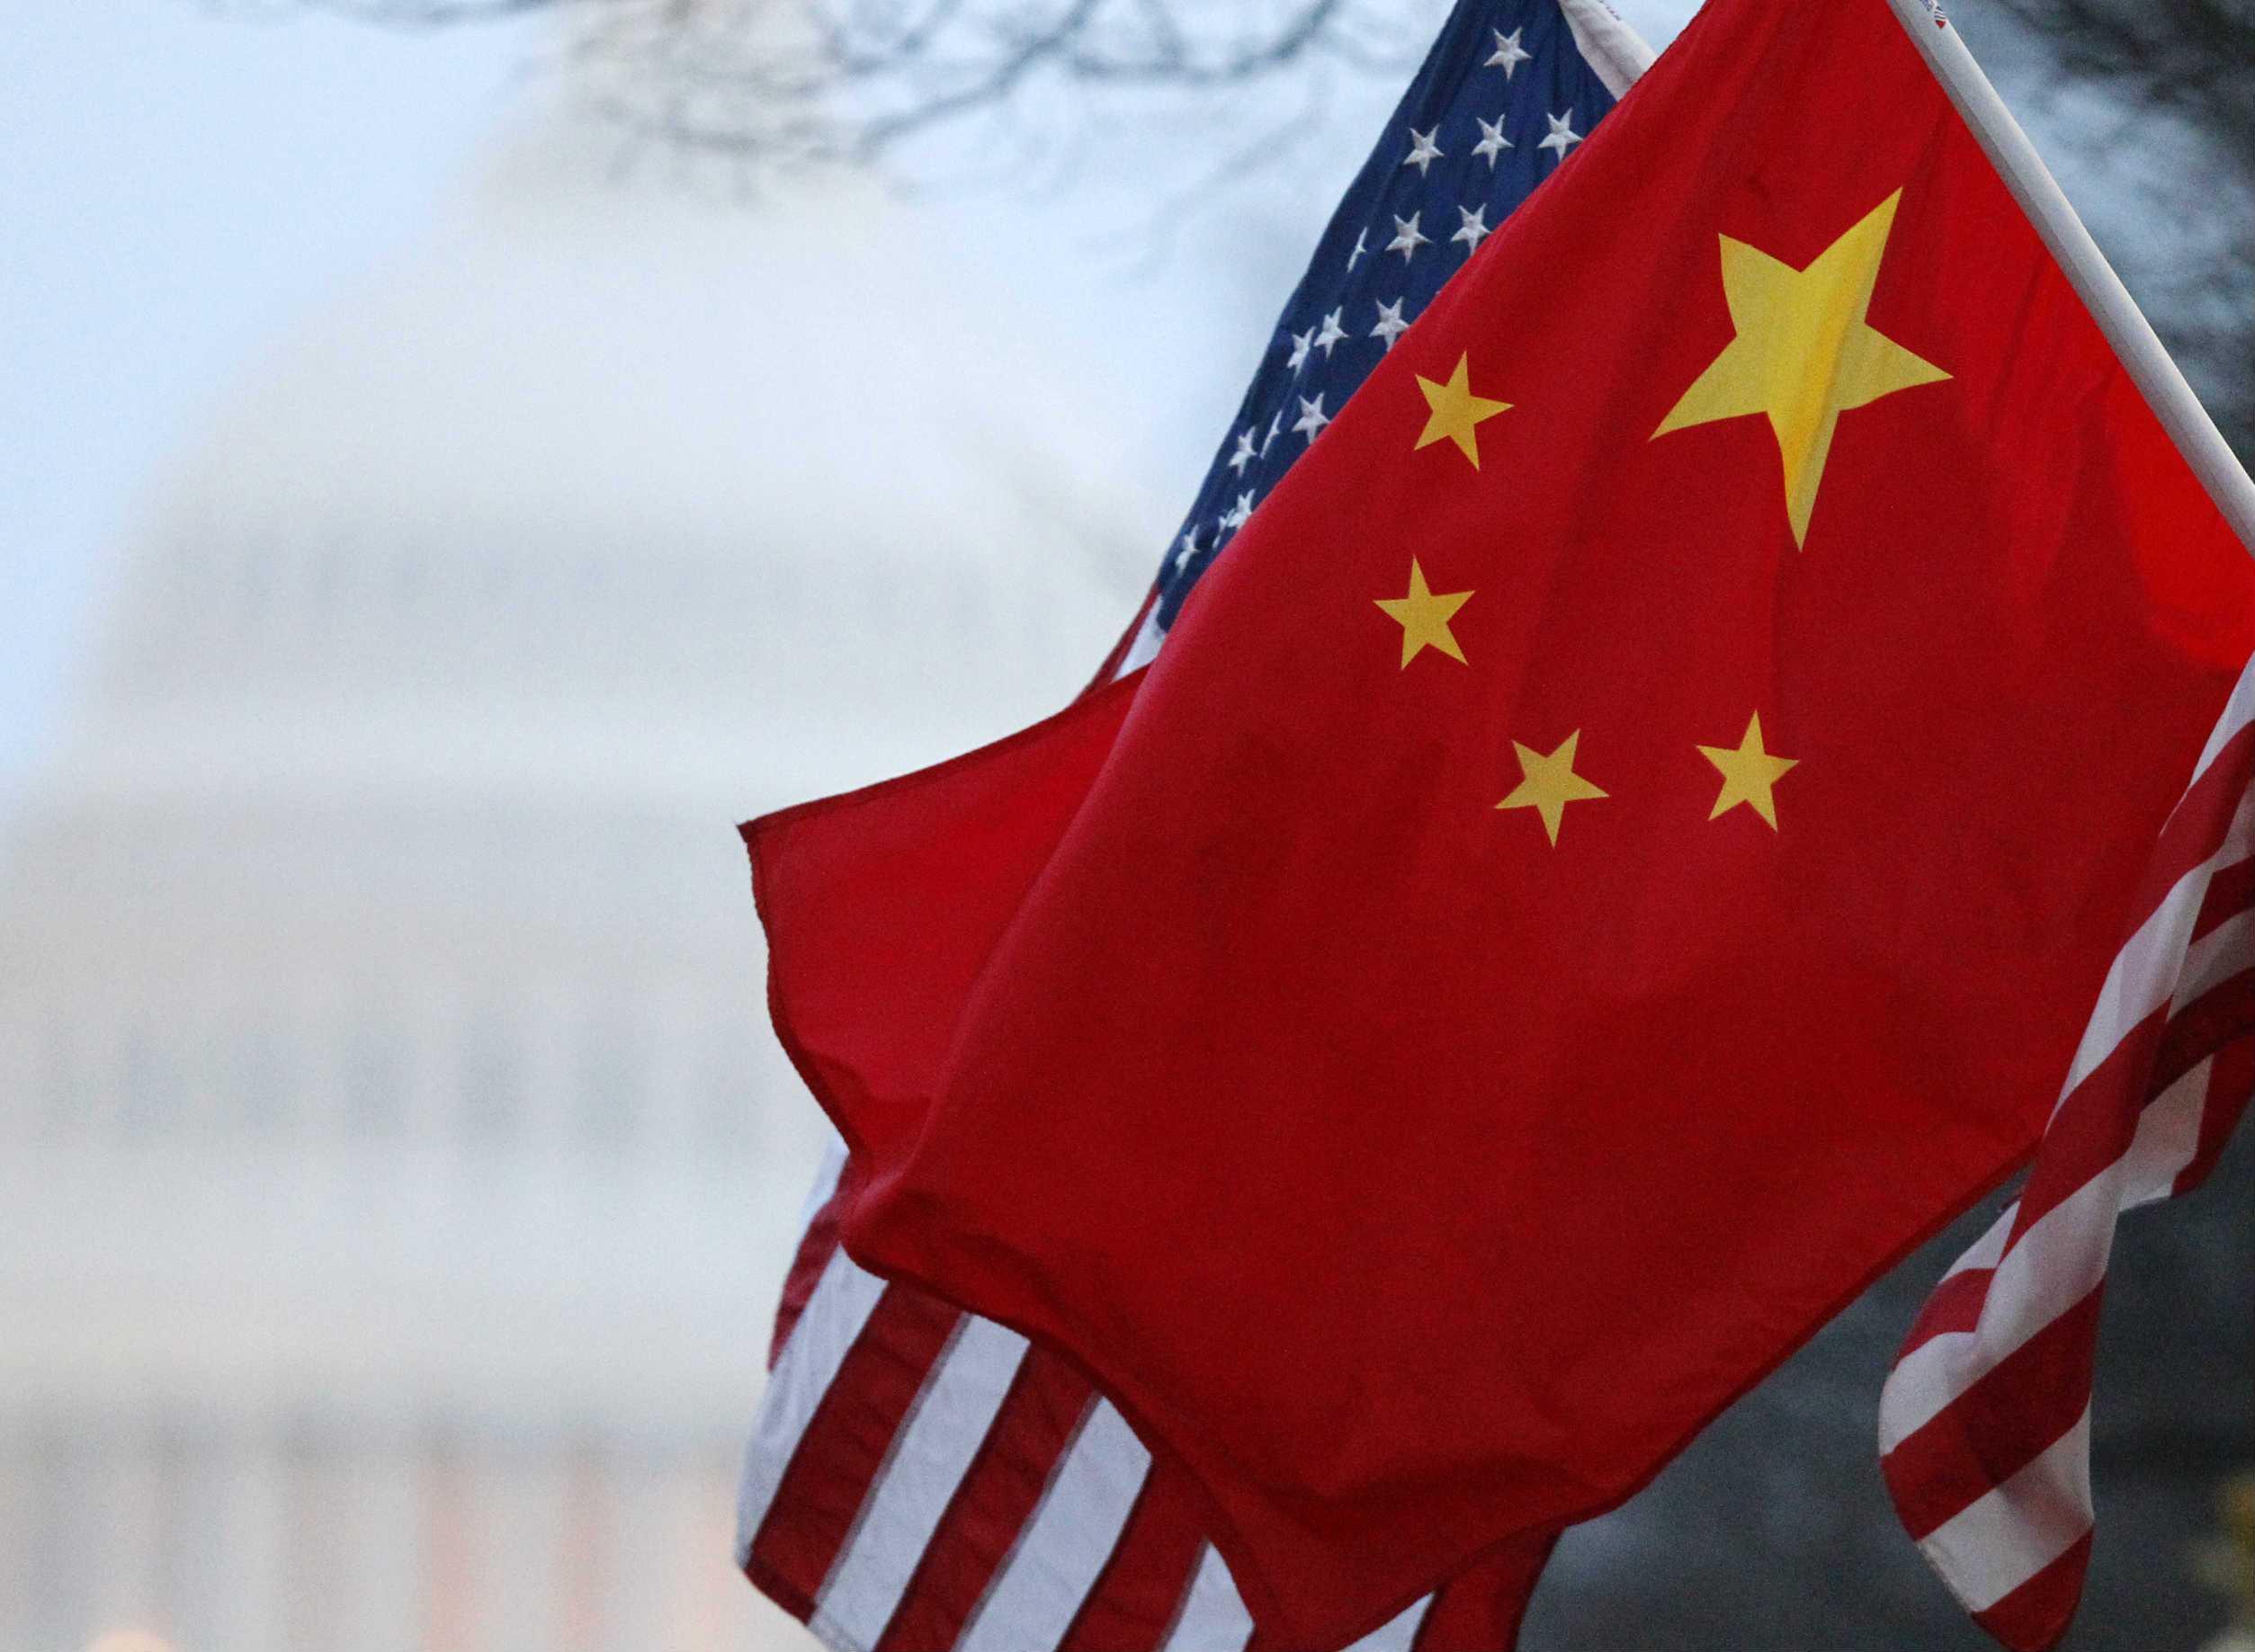 Ενισχύονται οι διμερείς σχέσεις ΗΠΑ-Κίνας